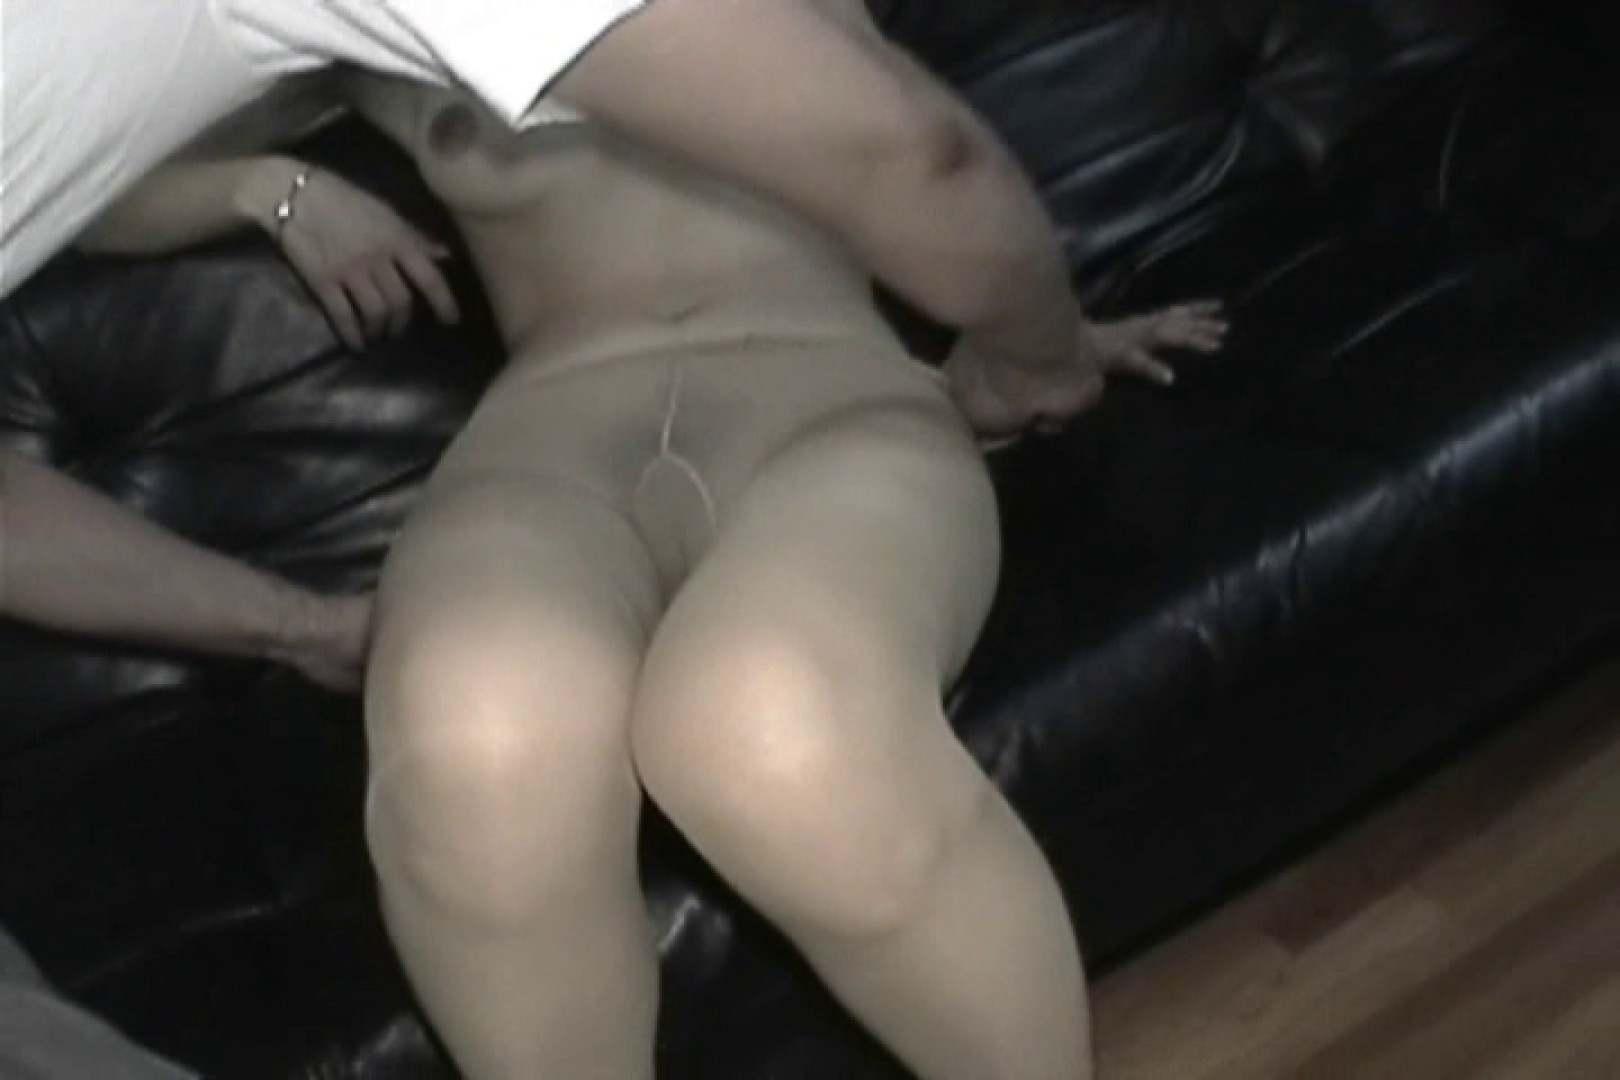 形の良いお椀型の美乳熟女とSEX~川島みさき~ クンニ | ギャル達の美乳  111画像 65